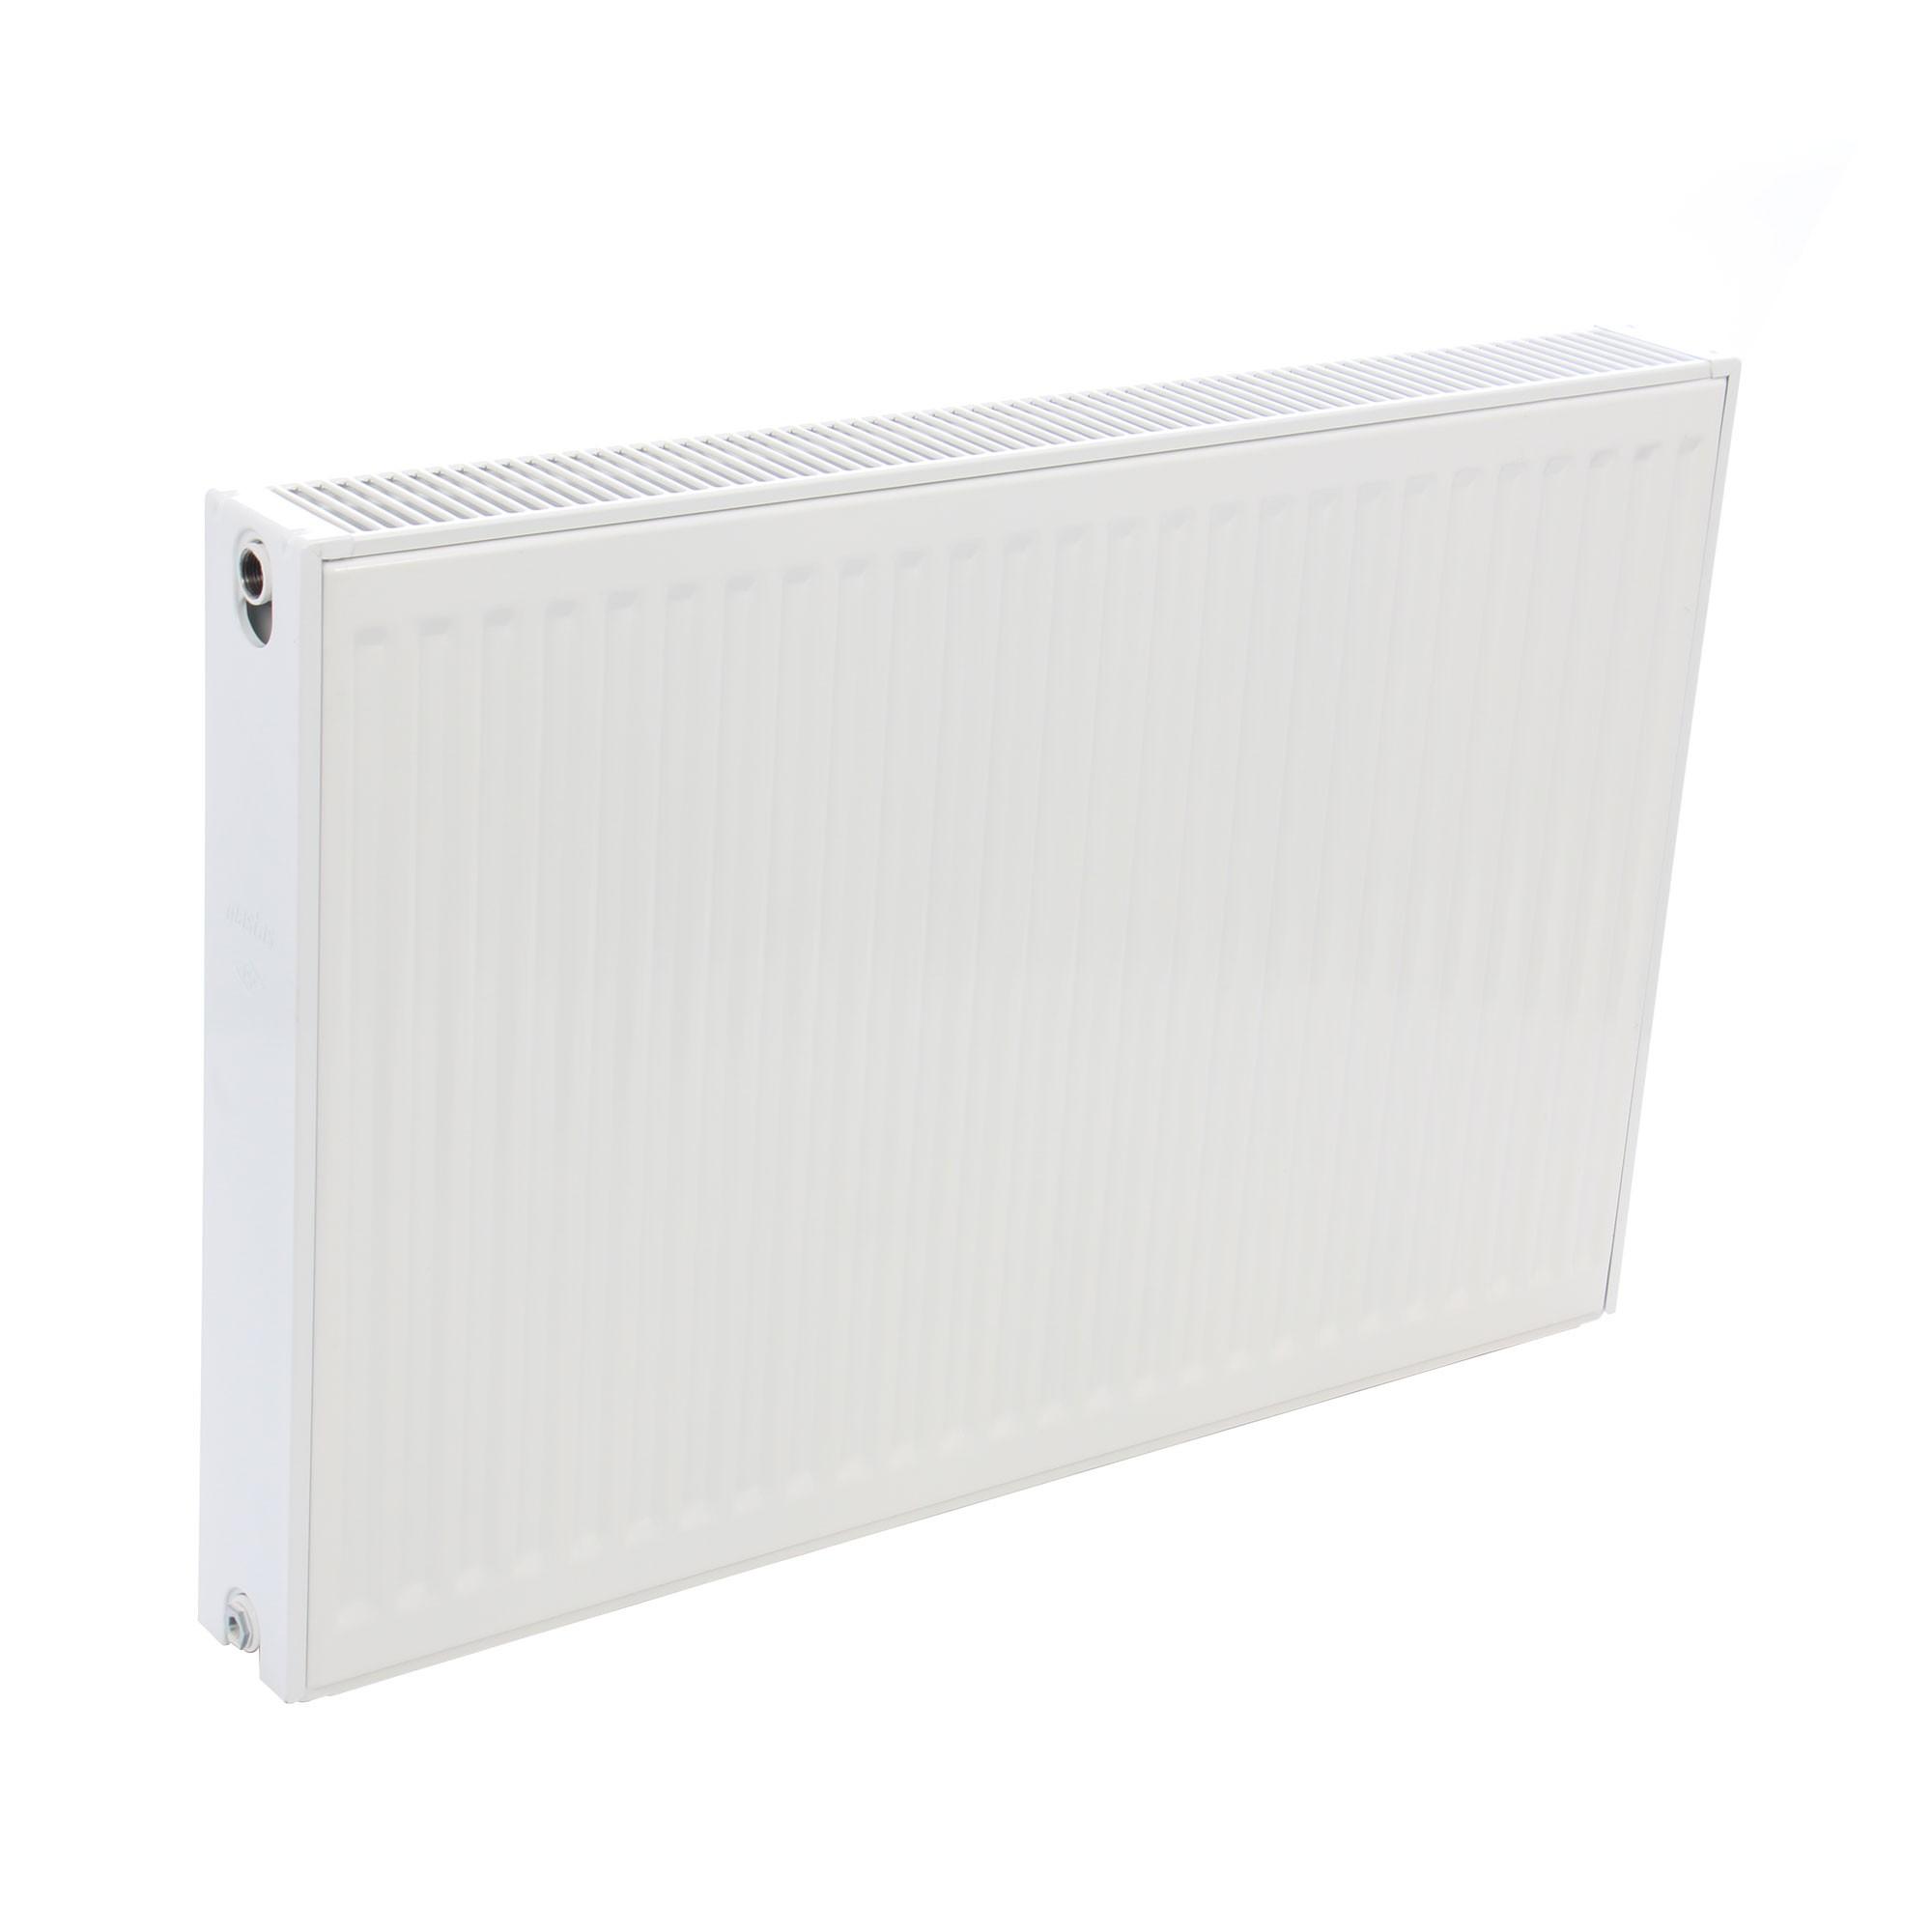 Radiator (calorifer) otel VIGO 22, 600 x 1200 mm, accesorii incluse fornello imagine